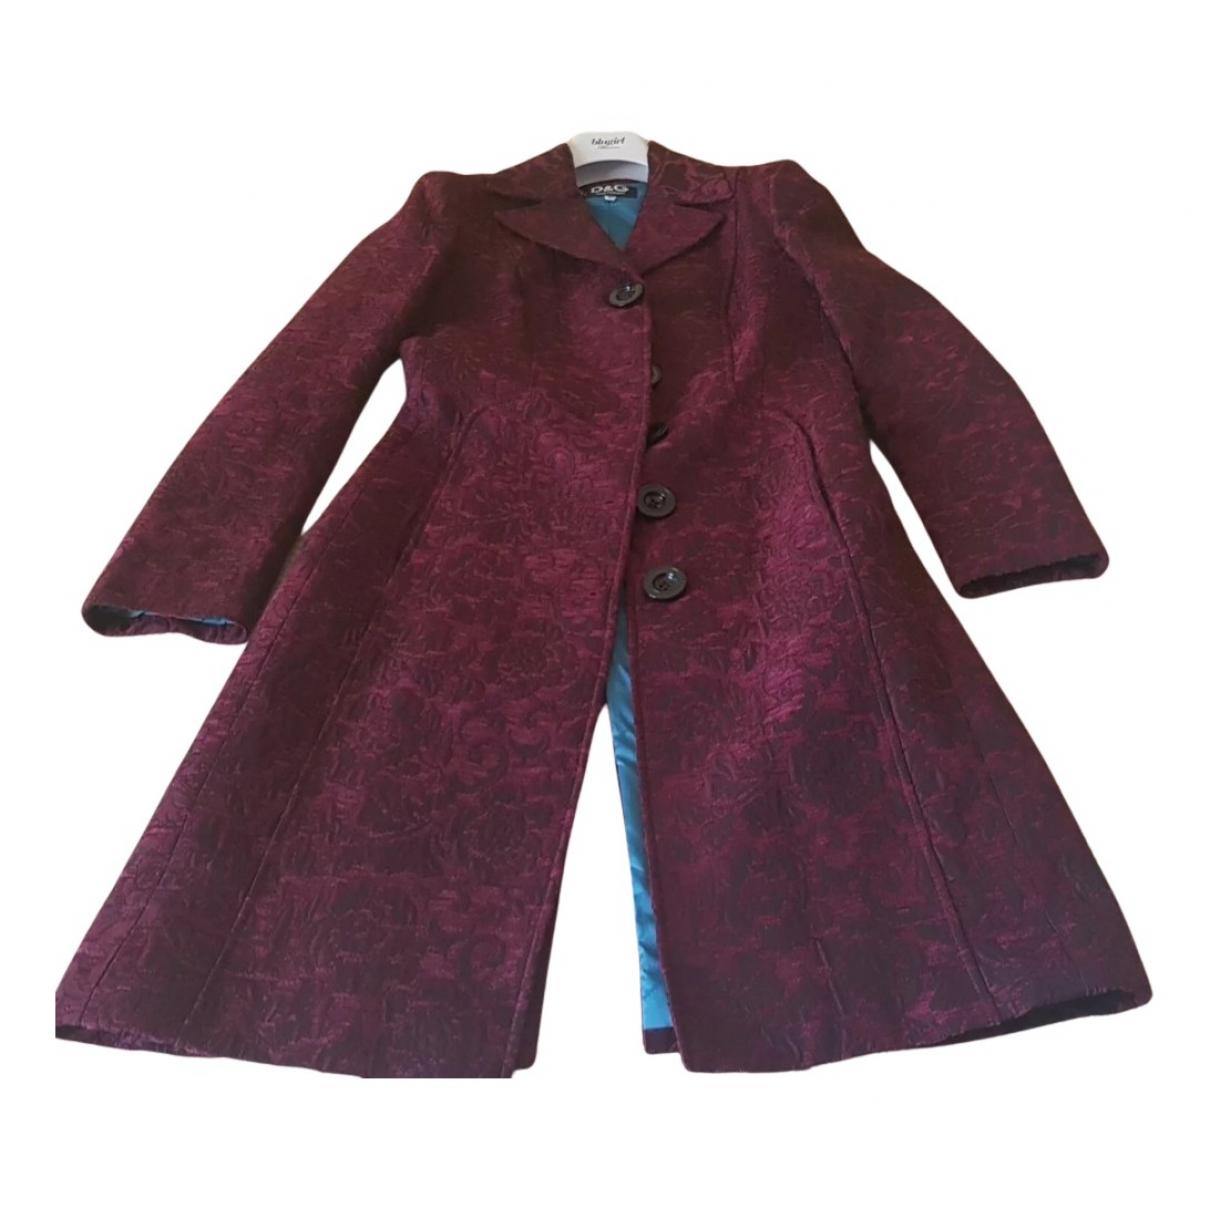 D&g N Burgundy coat for Women 40 IT